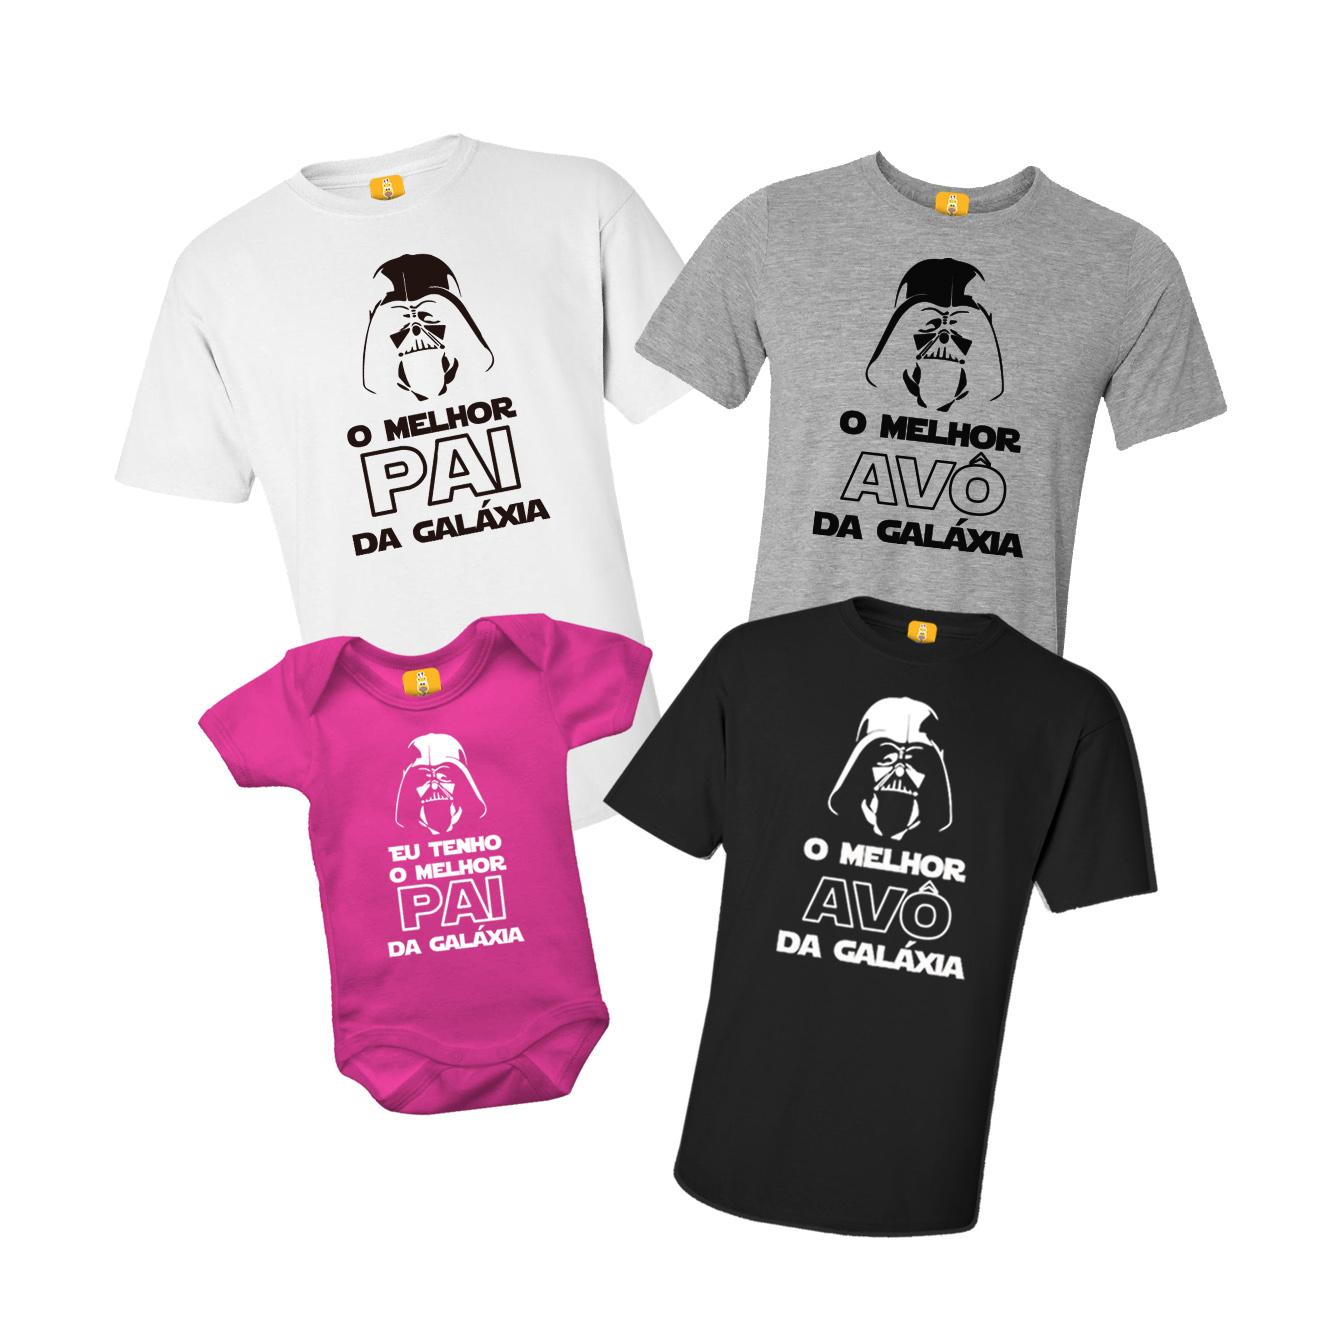 Kit Camiseta e Body Melhor Pai E Avô Da Galáxia Star Wars - 4 Peças CORES